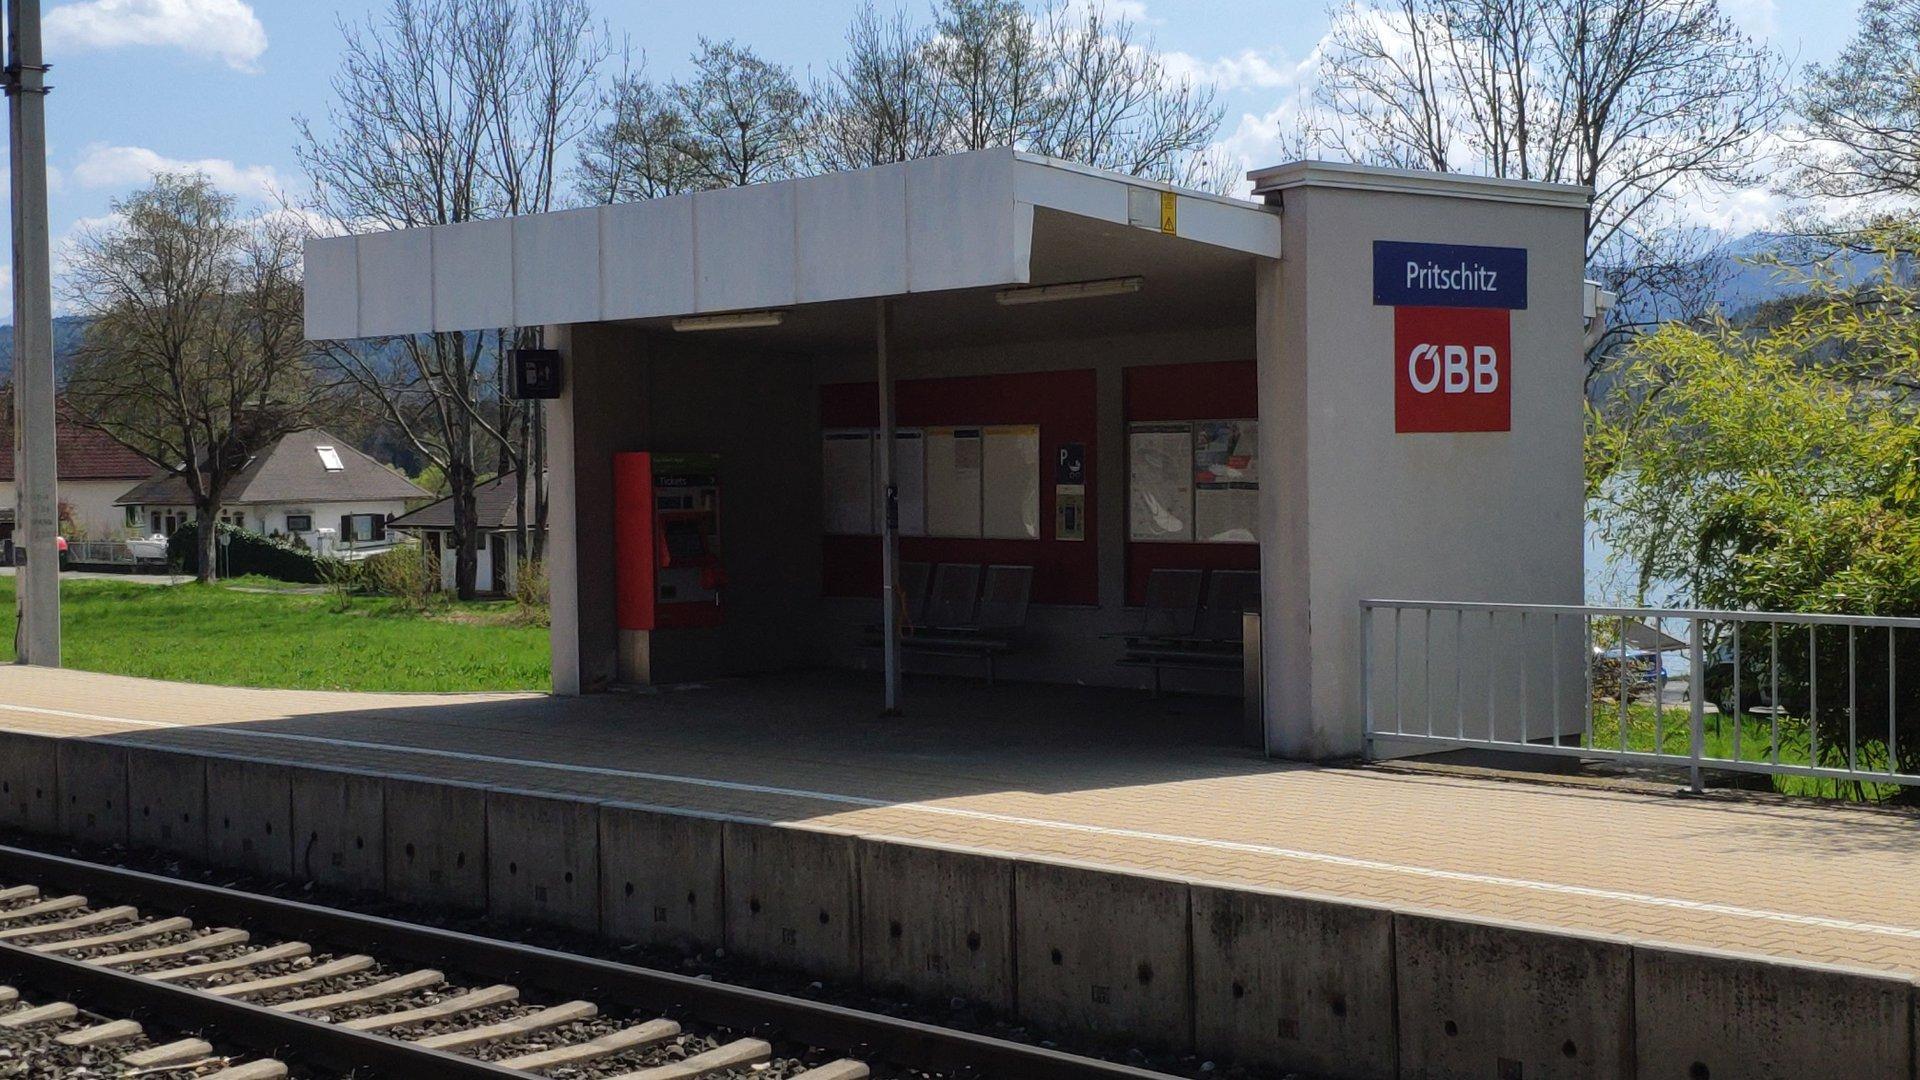 Pritschitz Bahnhof